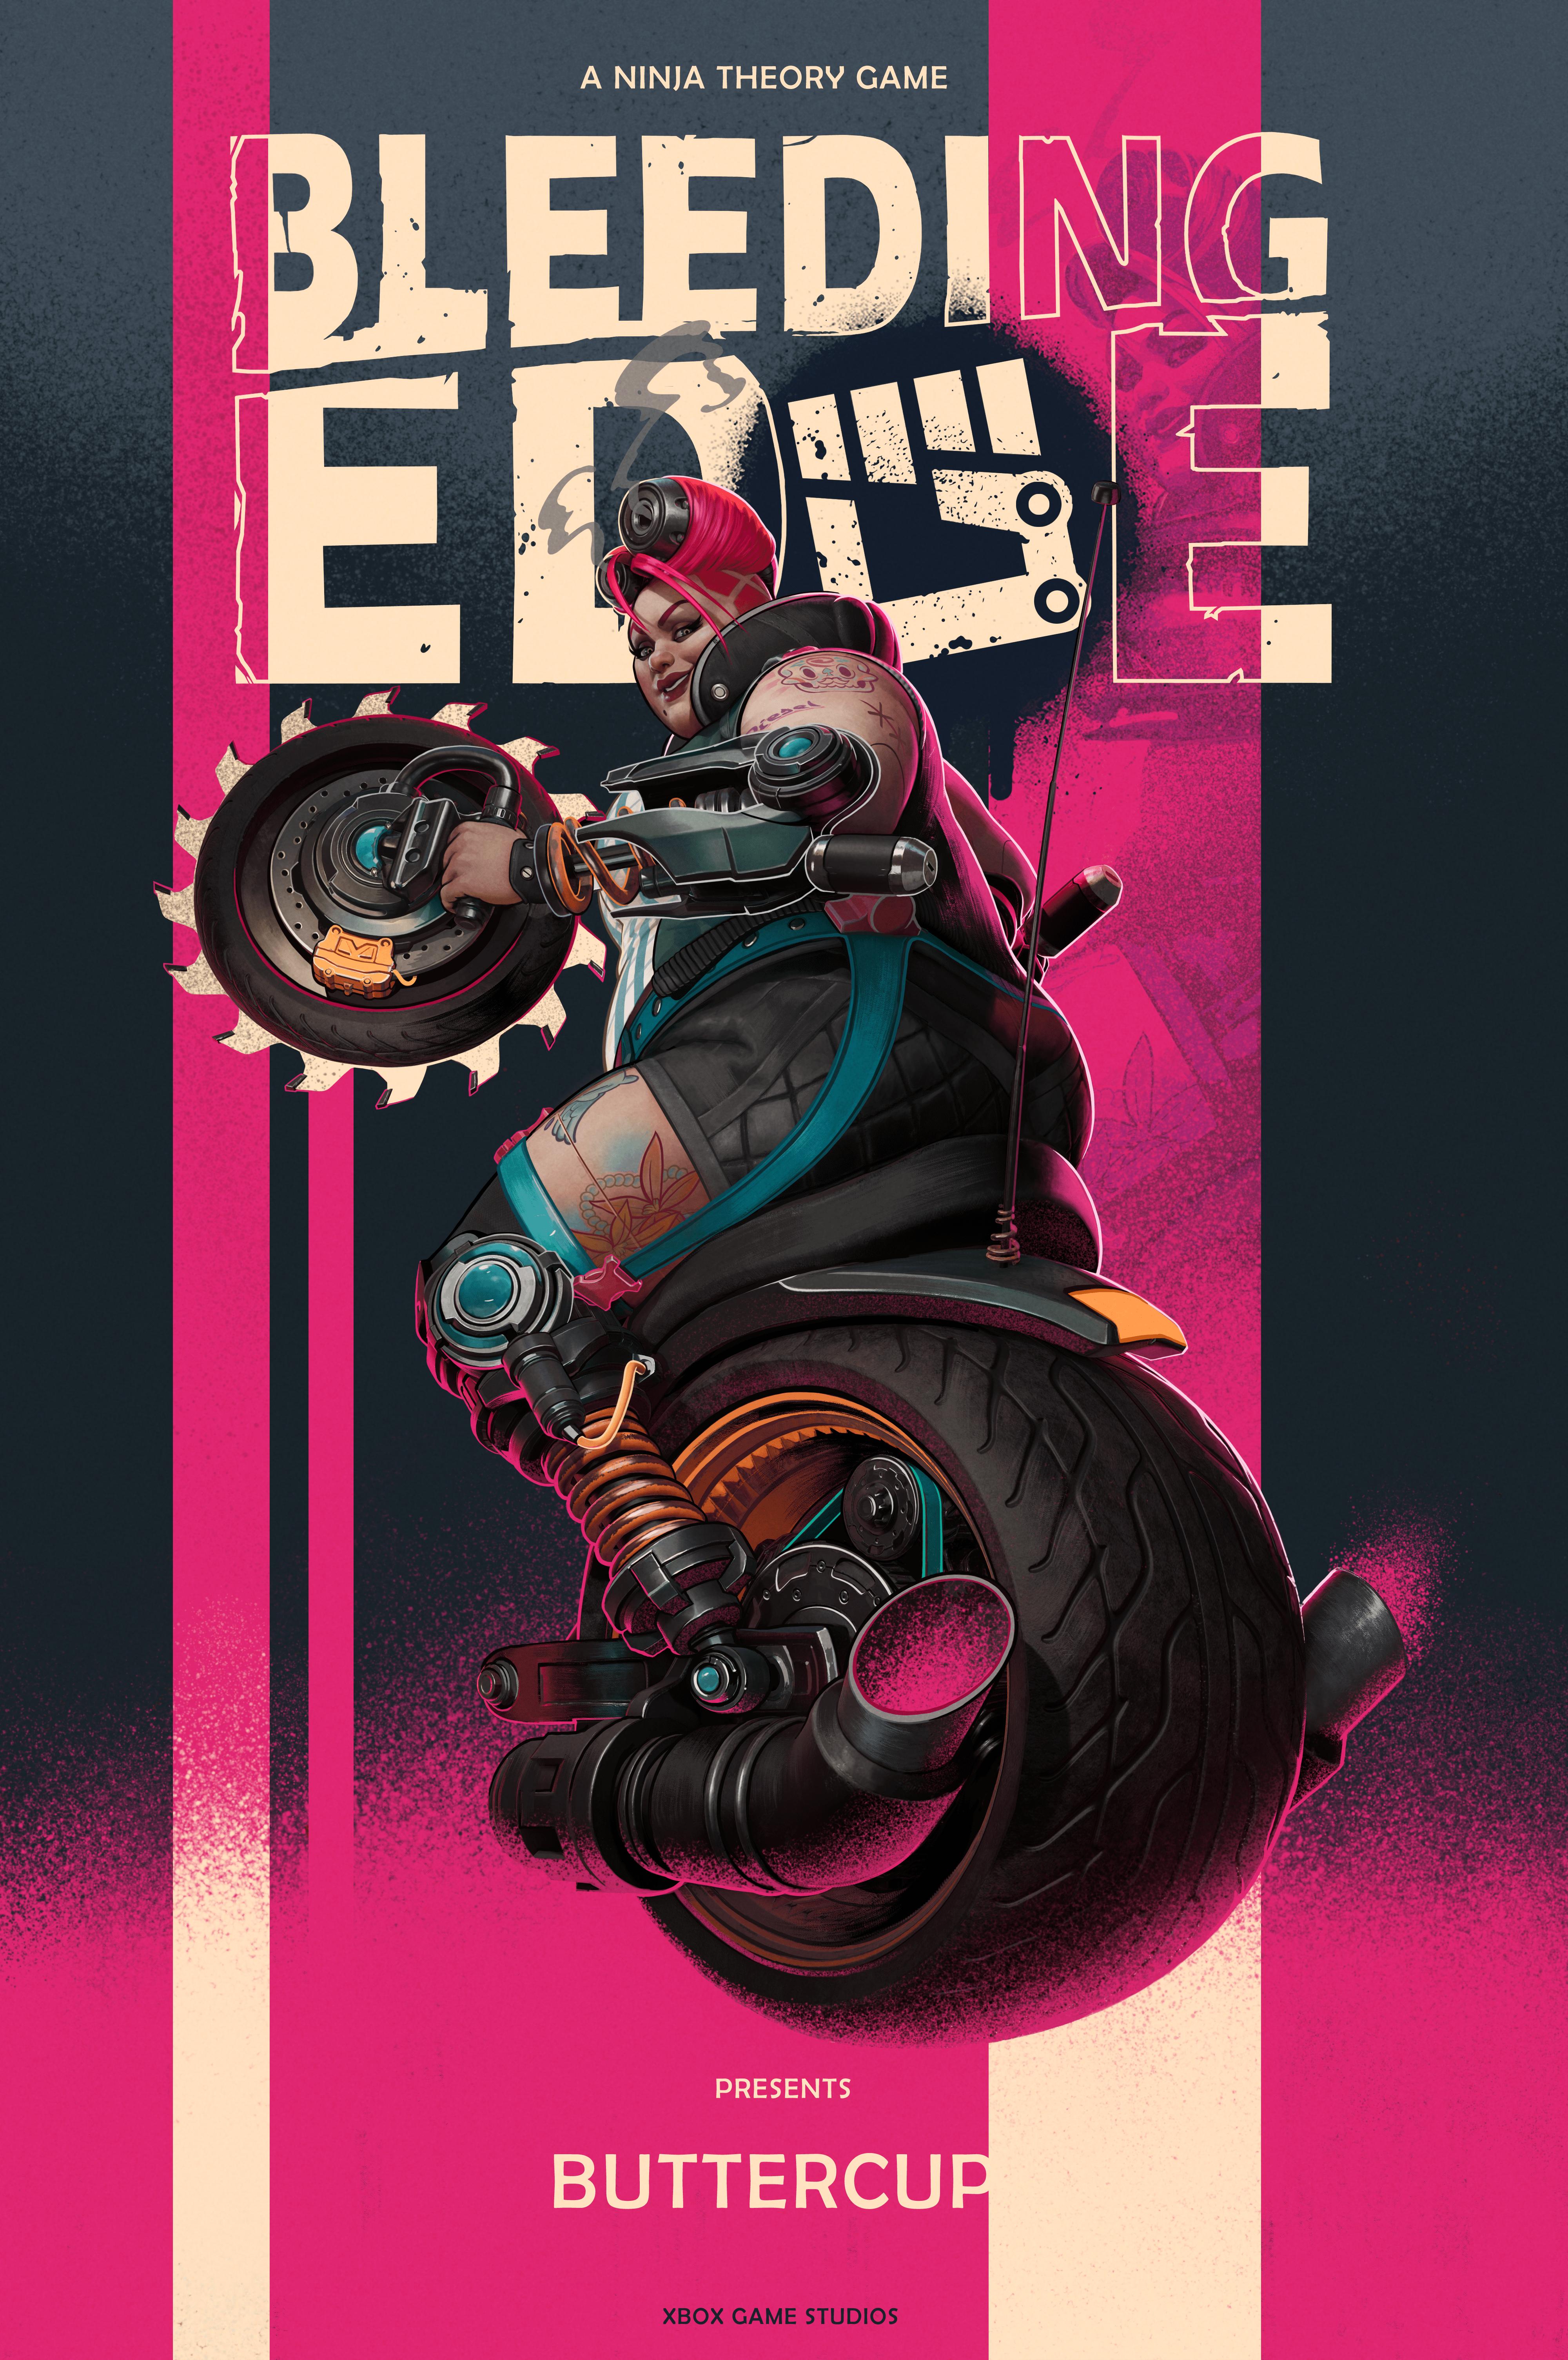 Bleeding Edge - Poster - Buttercup